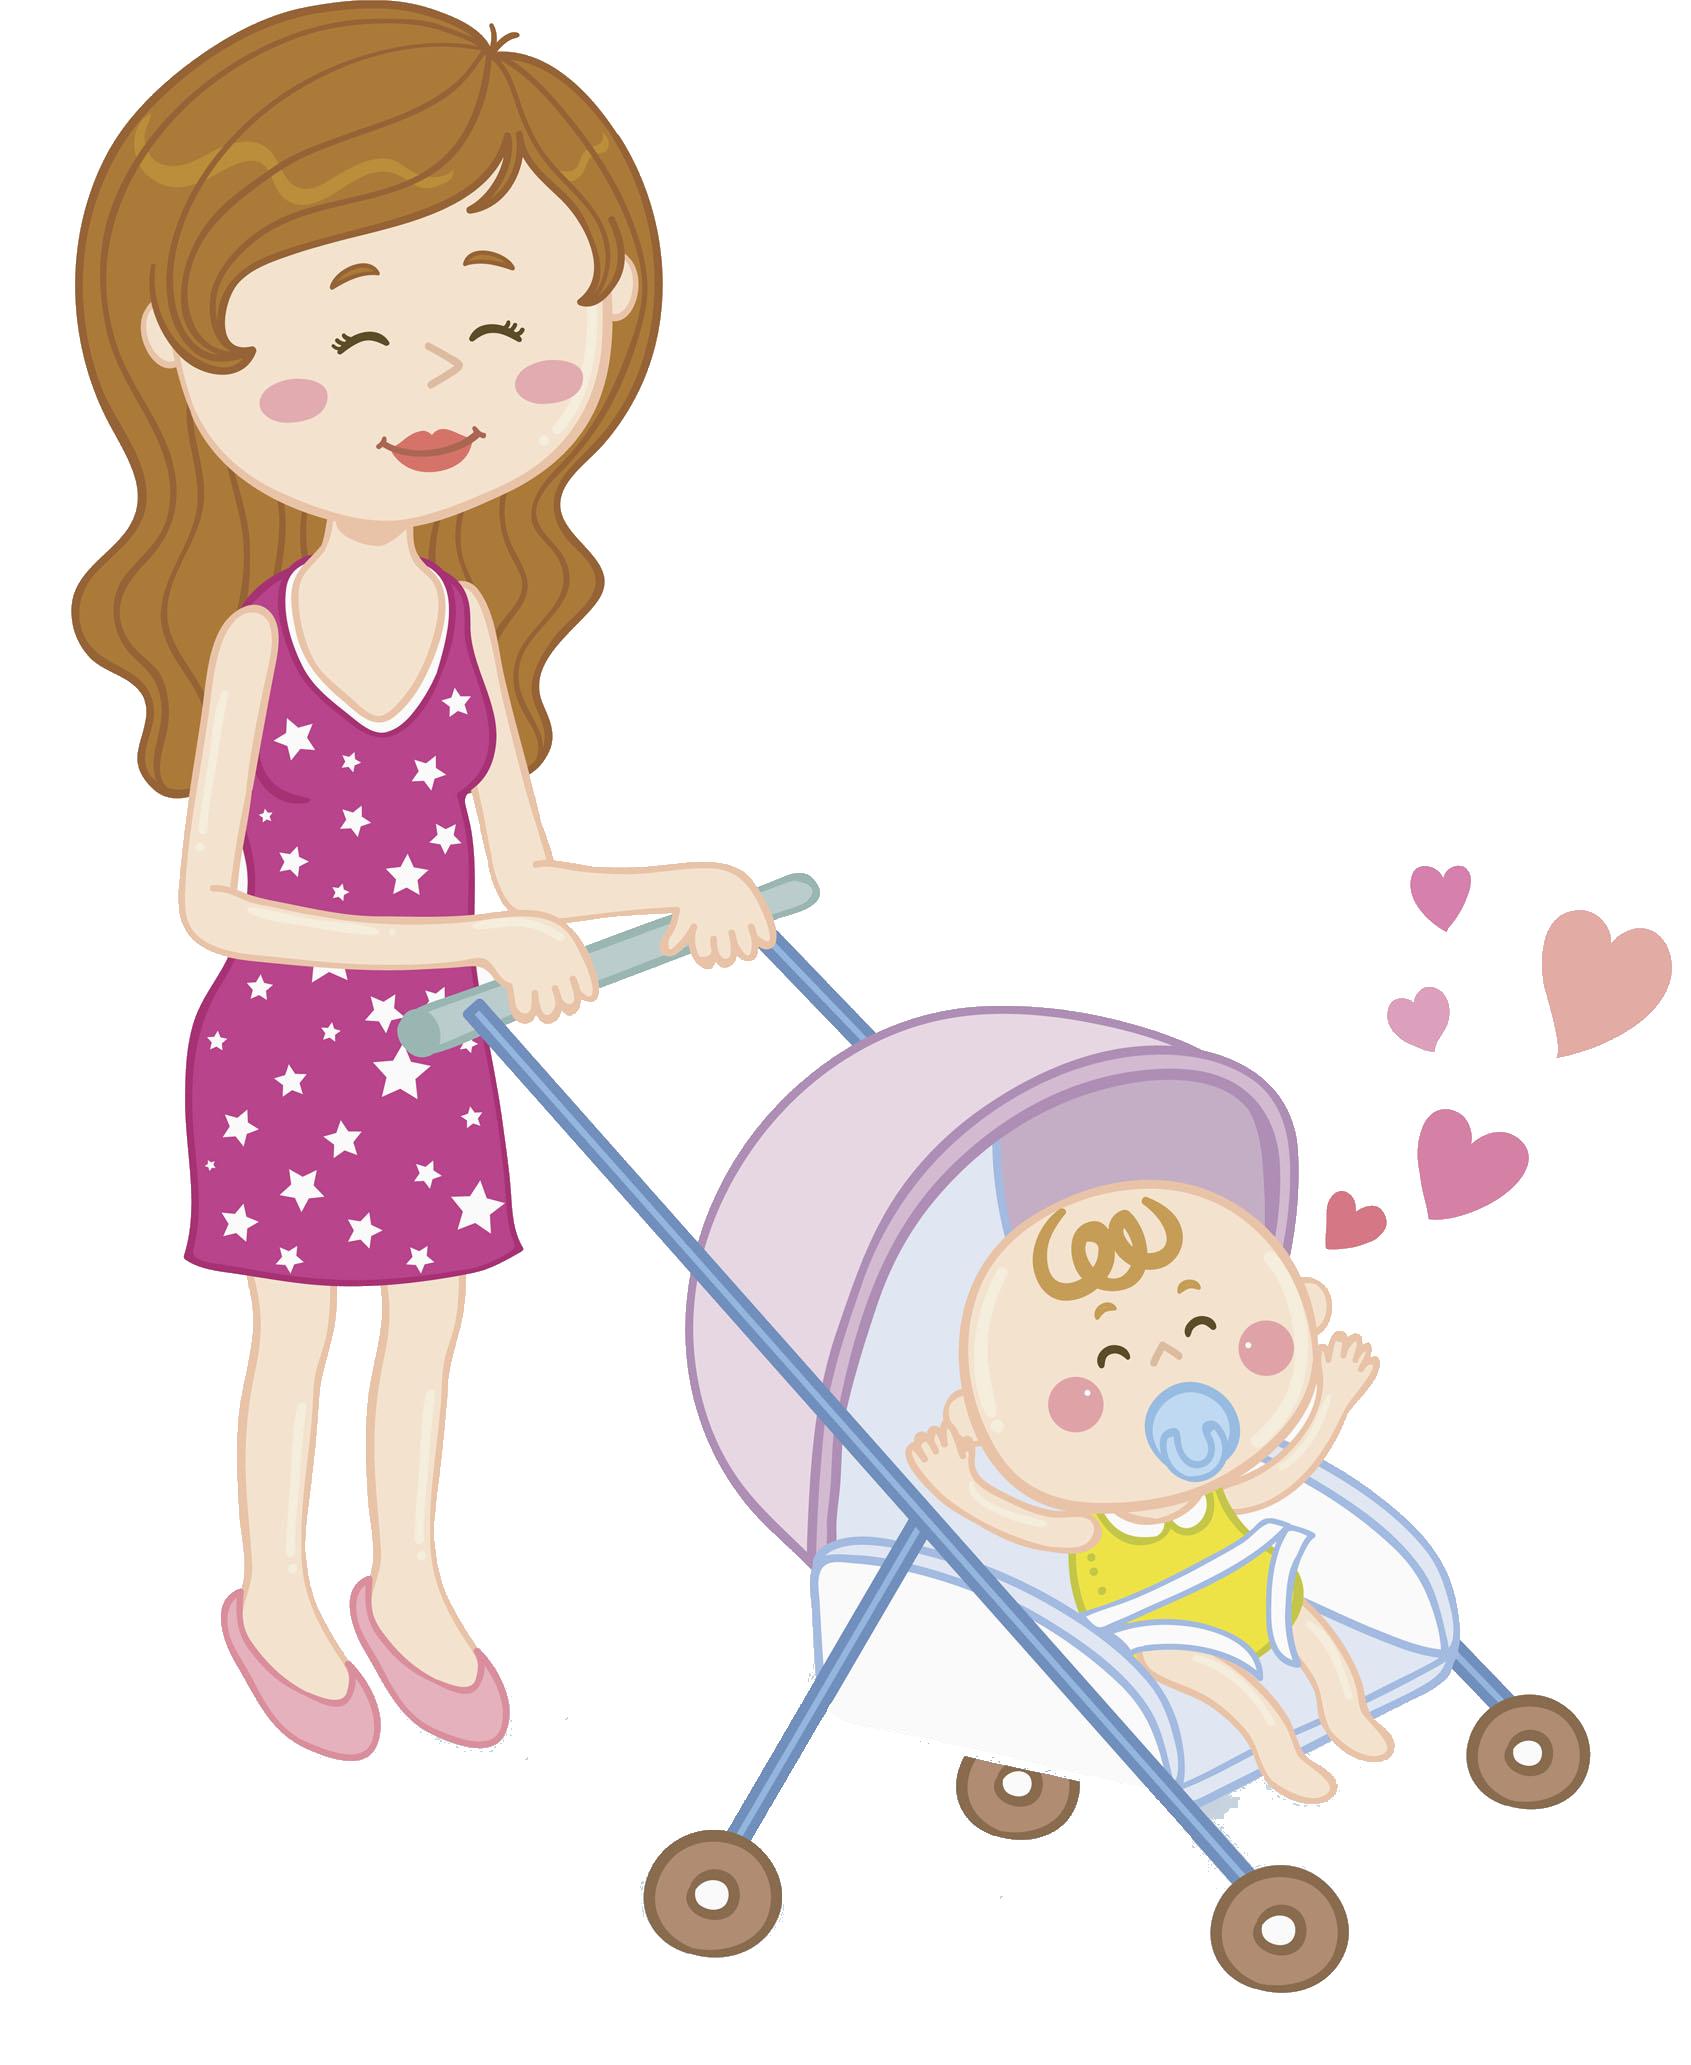 Toddler child clip art. Infant clipart todler